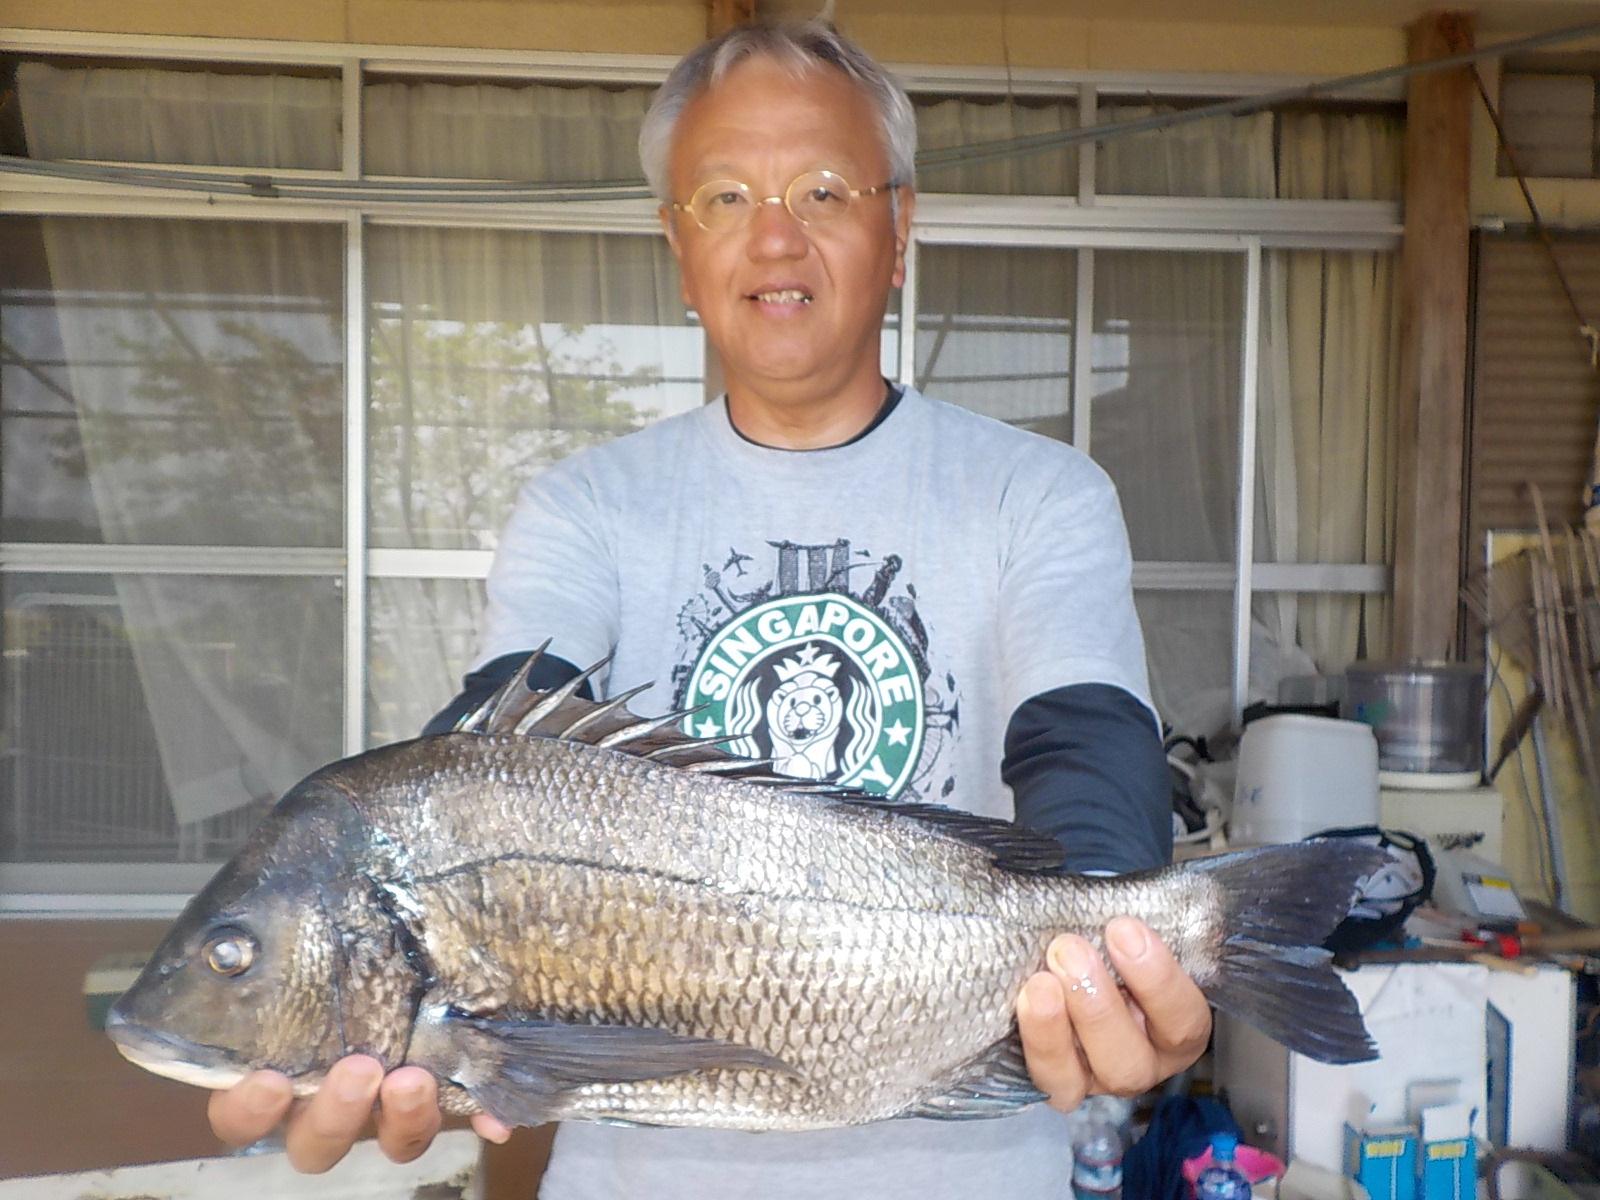 5月5日 ダゴチン釣りで五十嵐さん ガバチヌ50㎝